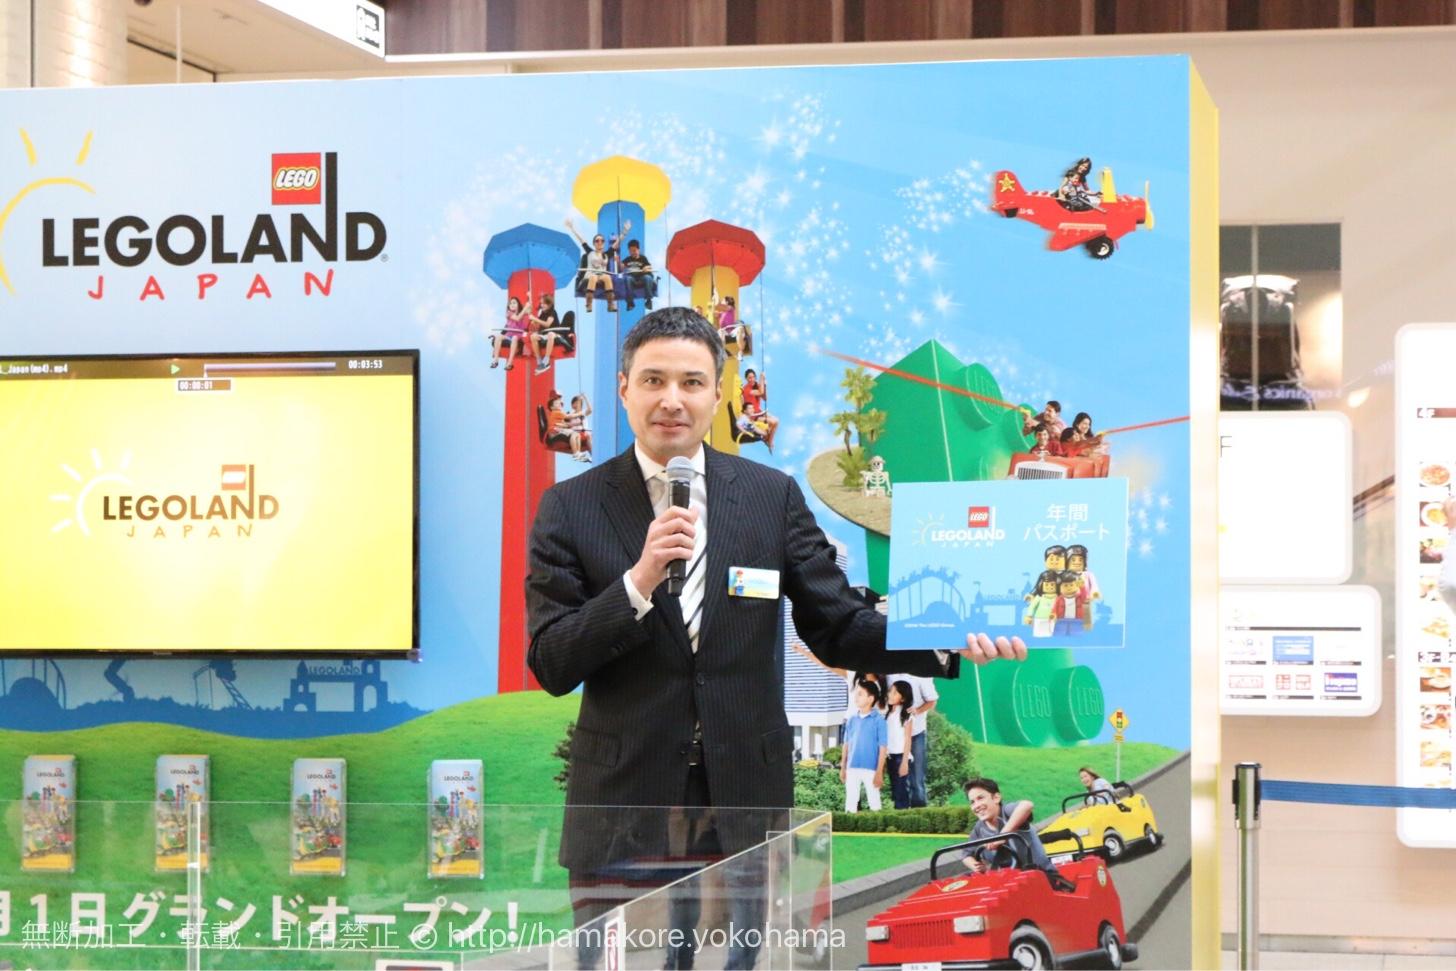 トーベンさんによるレゴランド・ジャパン パスポートの説明